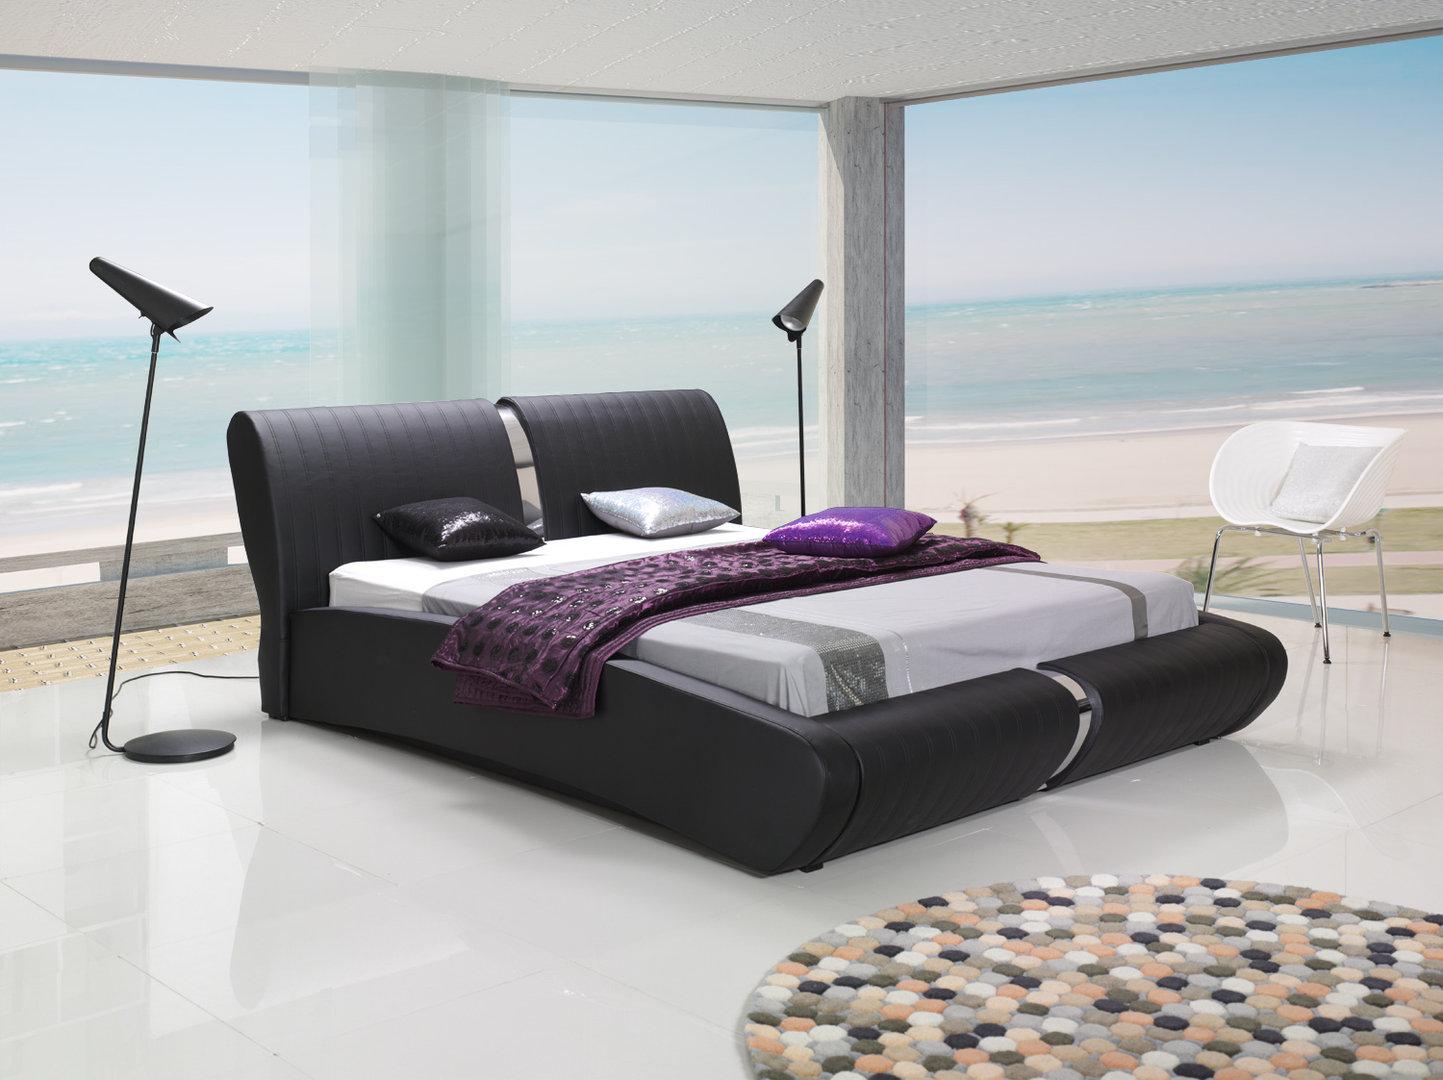 kunstlederbett peru mit bettkastenfunktion. Black Bedroom Furniture Sets. Home Design Ideas